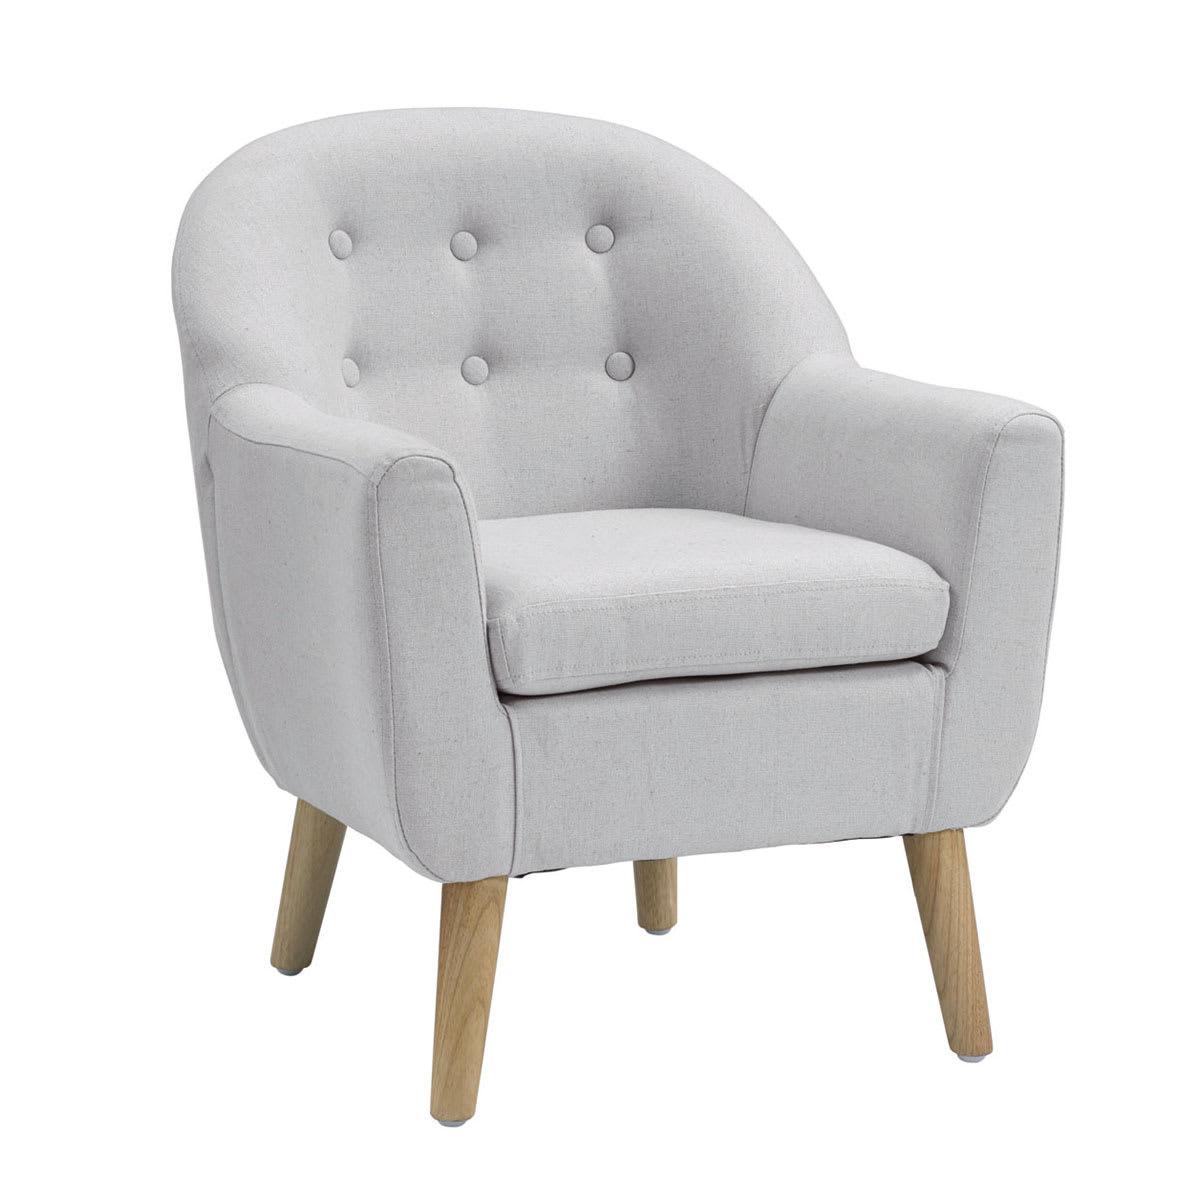 Fin lænestol til børneværelset - L 49 x H 58,5 x B 51 cm